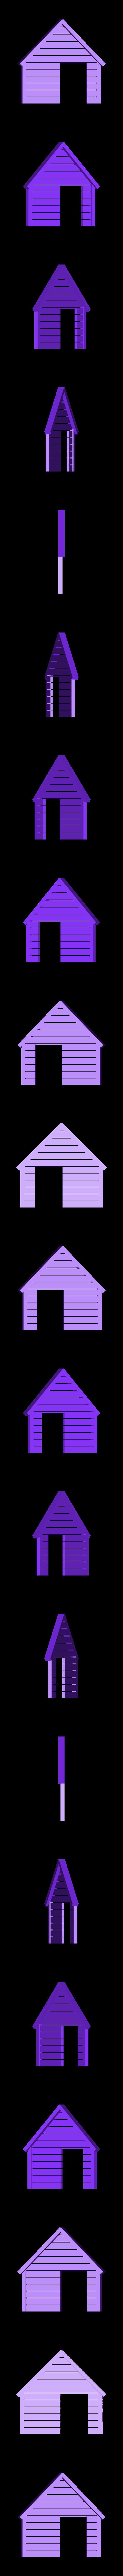 frontdoor_1.stl Télécharger fichier STL gratuit Le moulin • Design pour imprimante 3D, Earsling